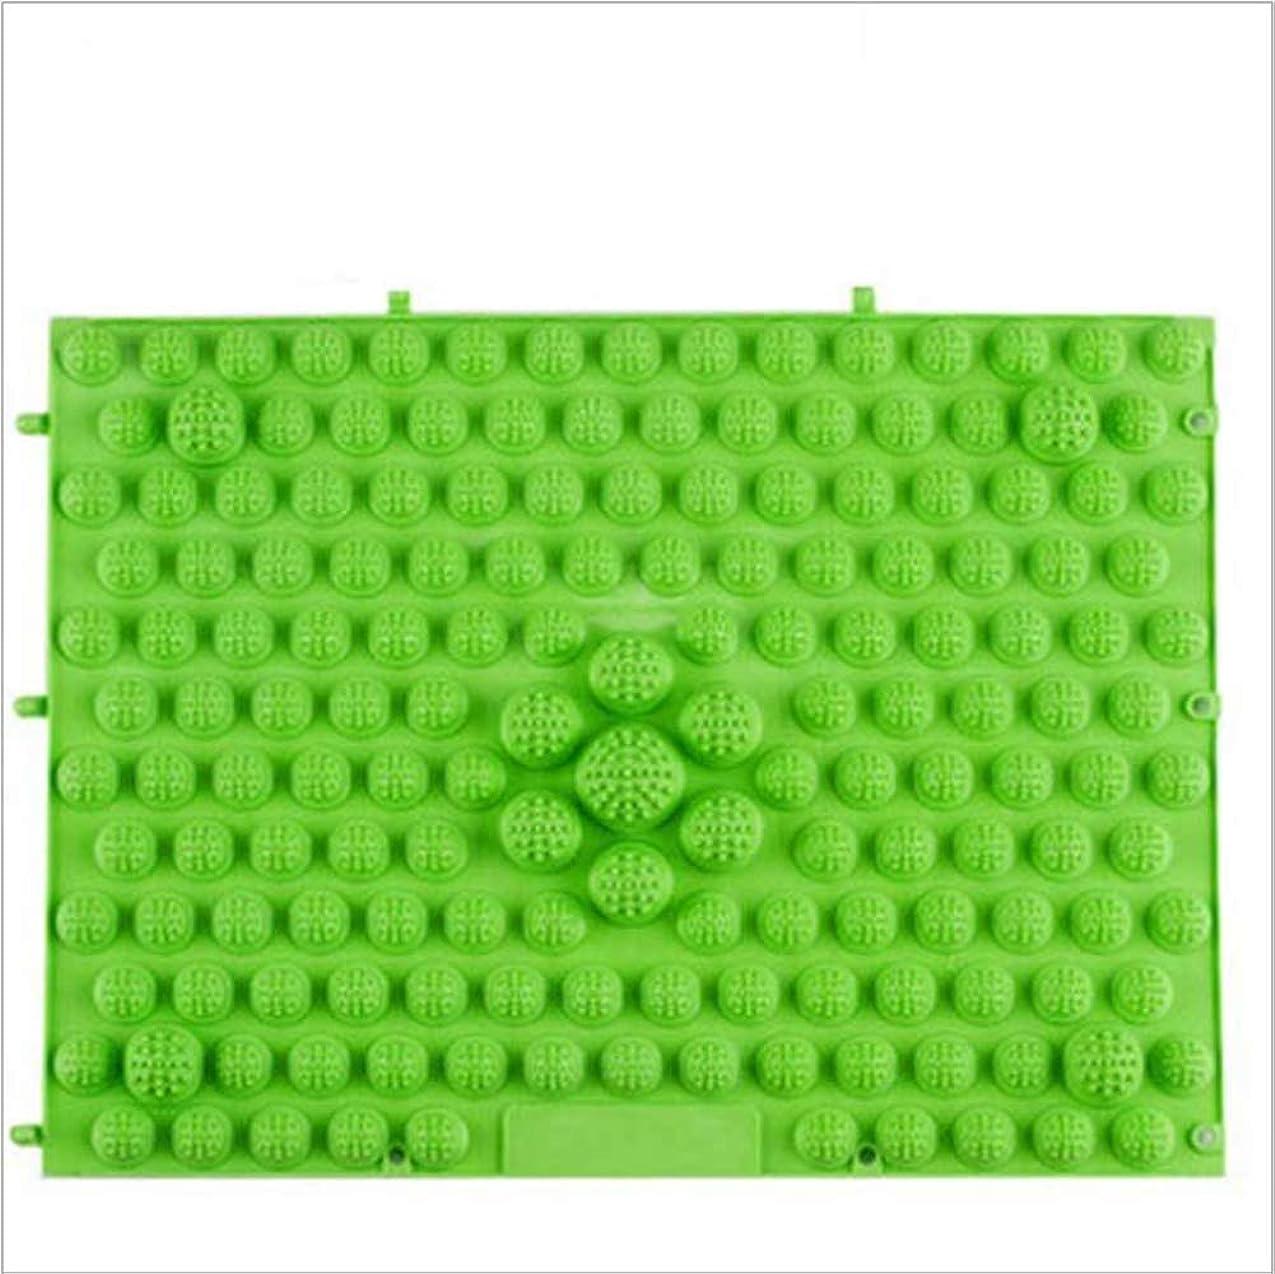 羊証拠あいにくウォークマット 裏板セット(ABS樹脂製補強板付き) (グリーン)